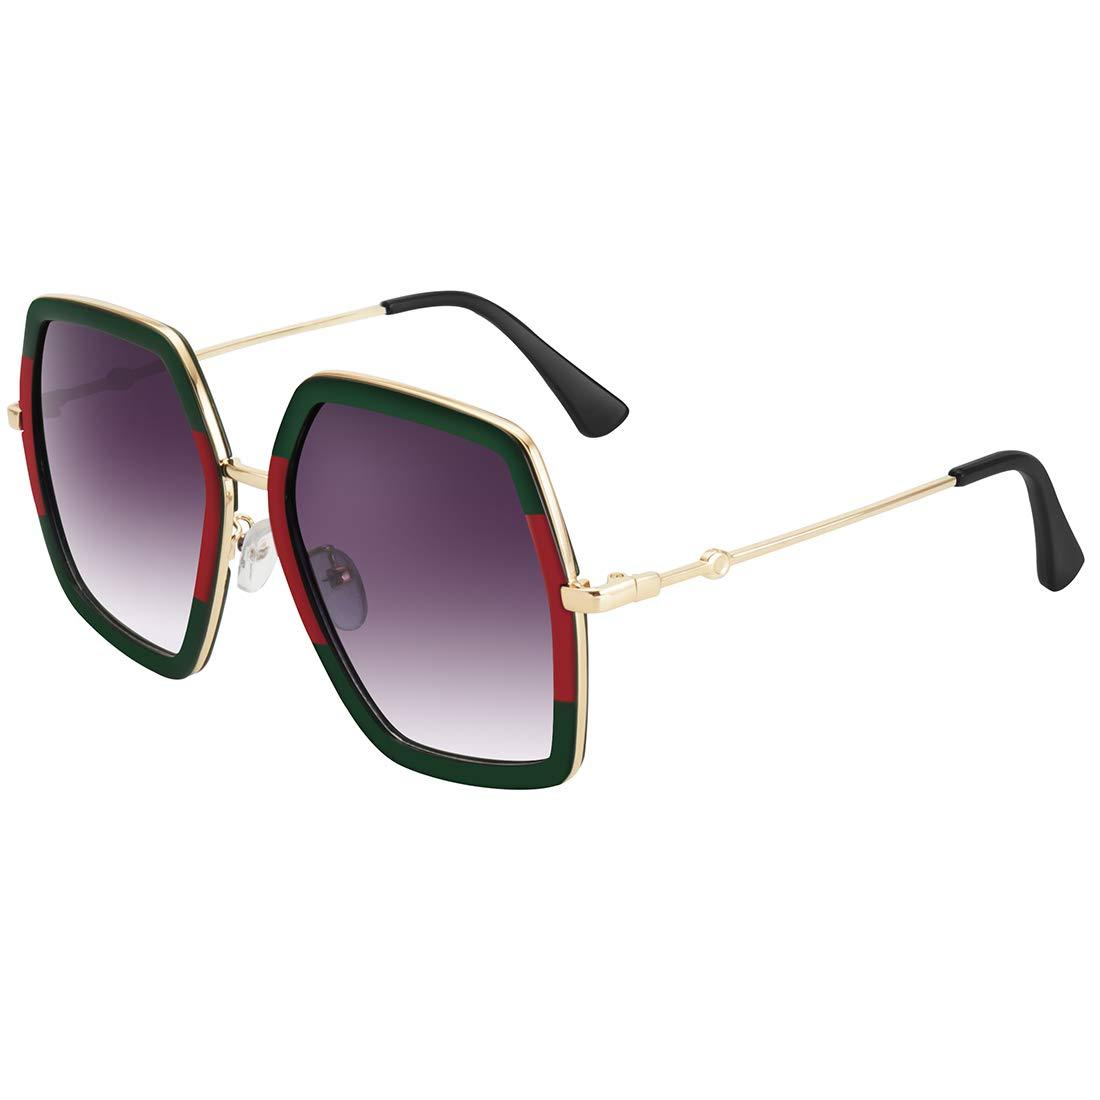 WOWSUN Oversized Big Fashion Sunglasses For Women Irregular Fashion Shades